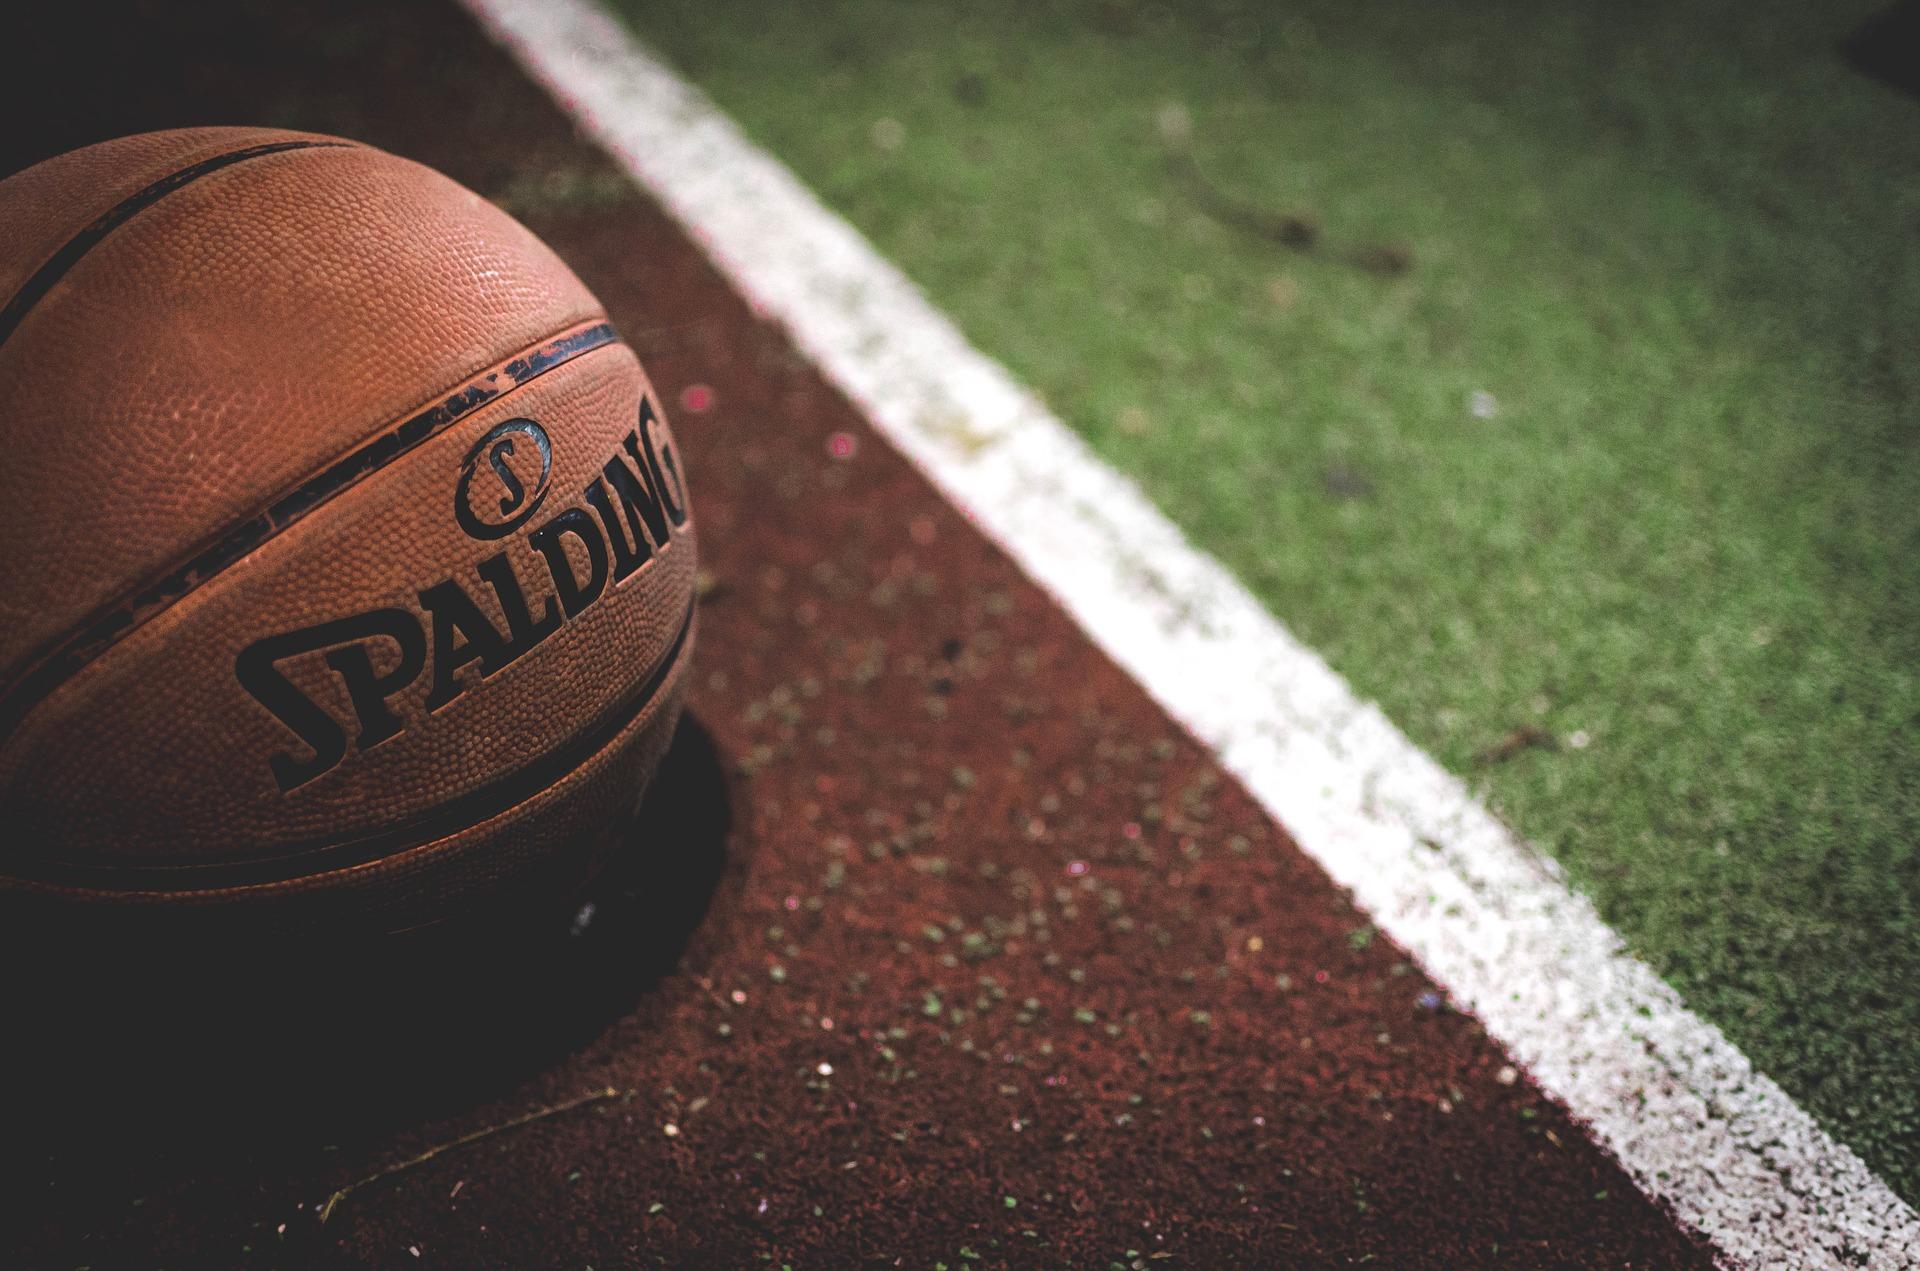 Imagem mostra o close de uma bola Spalding, com seu logo voltado para a câmera, sob o o chão de uma quadra, com as linhas bem demarcadas.